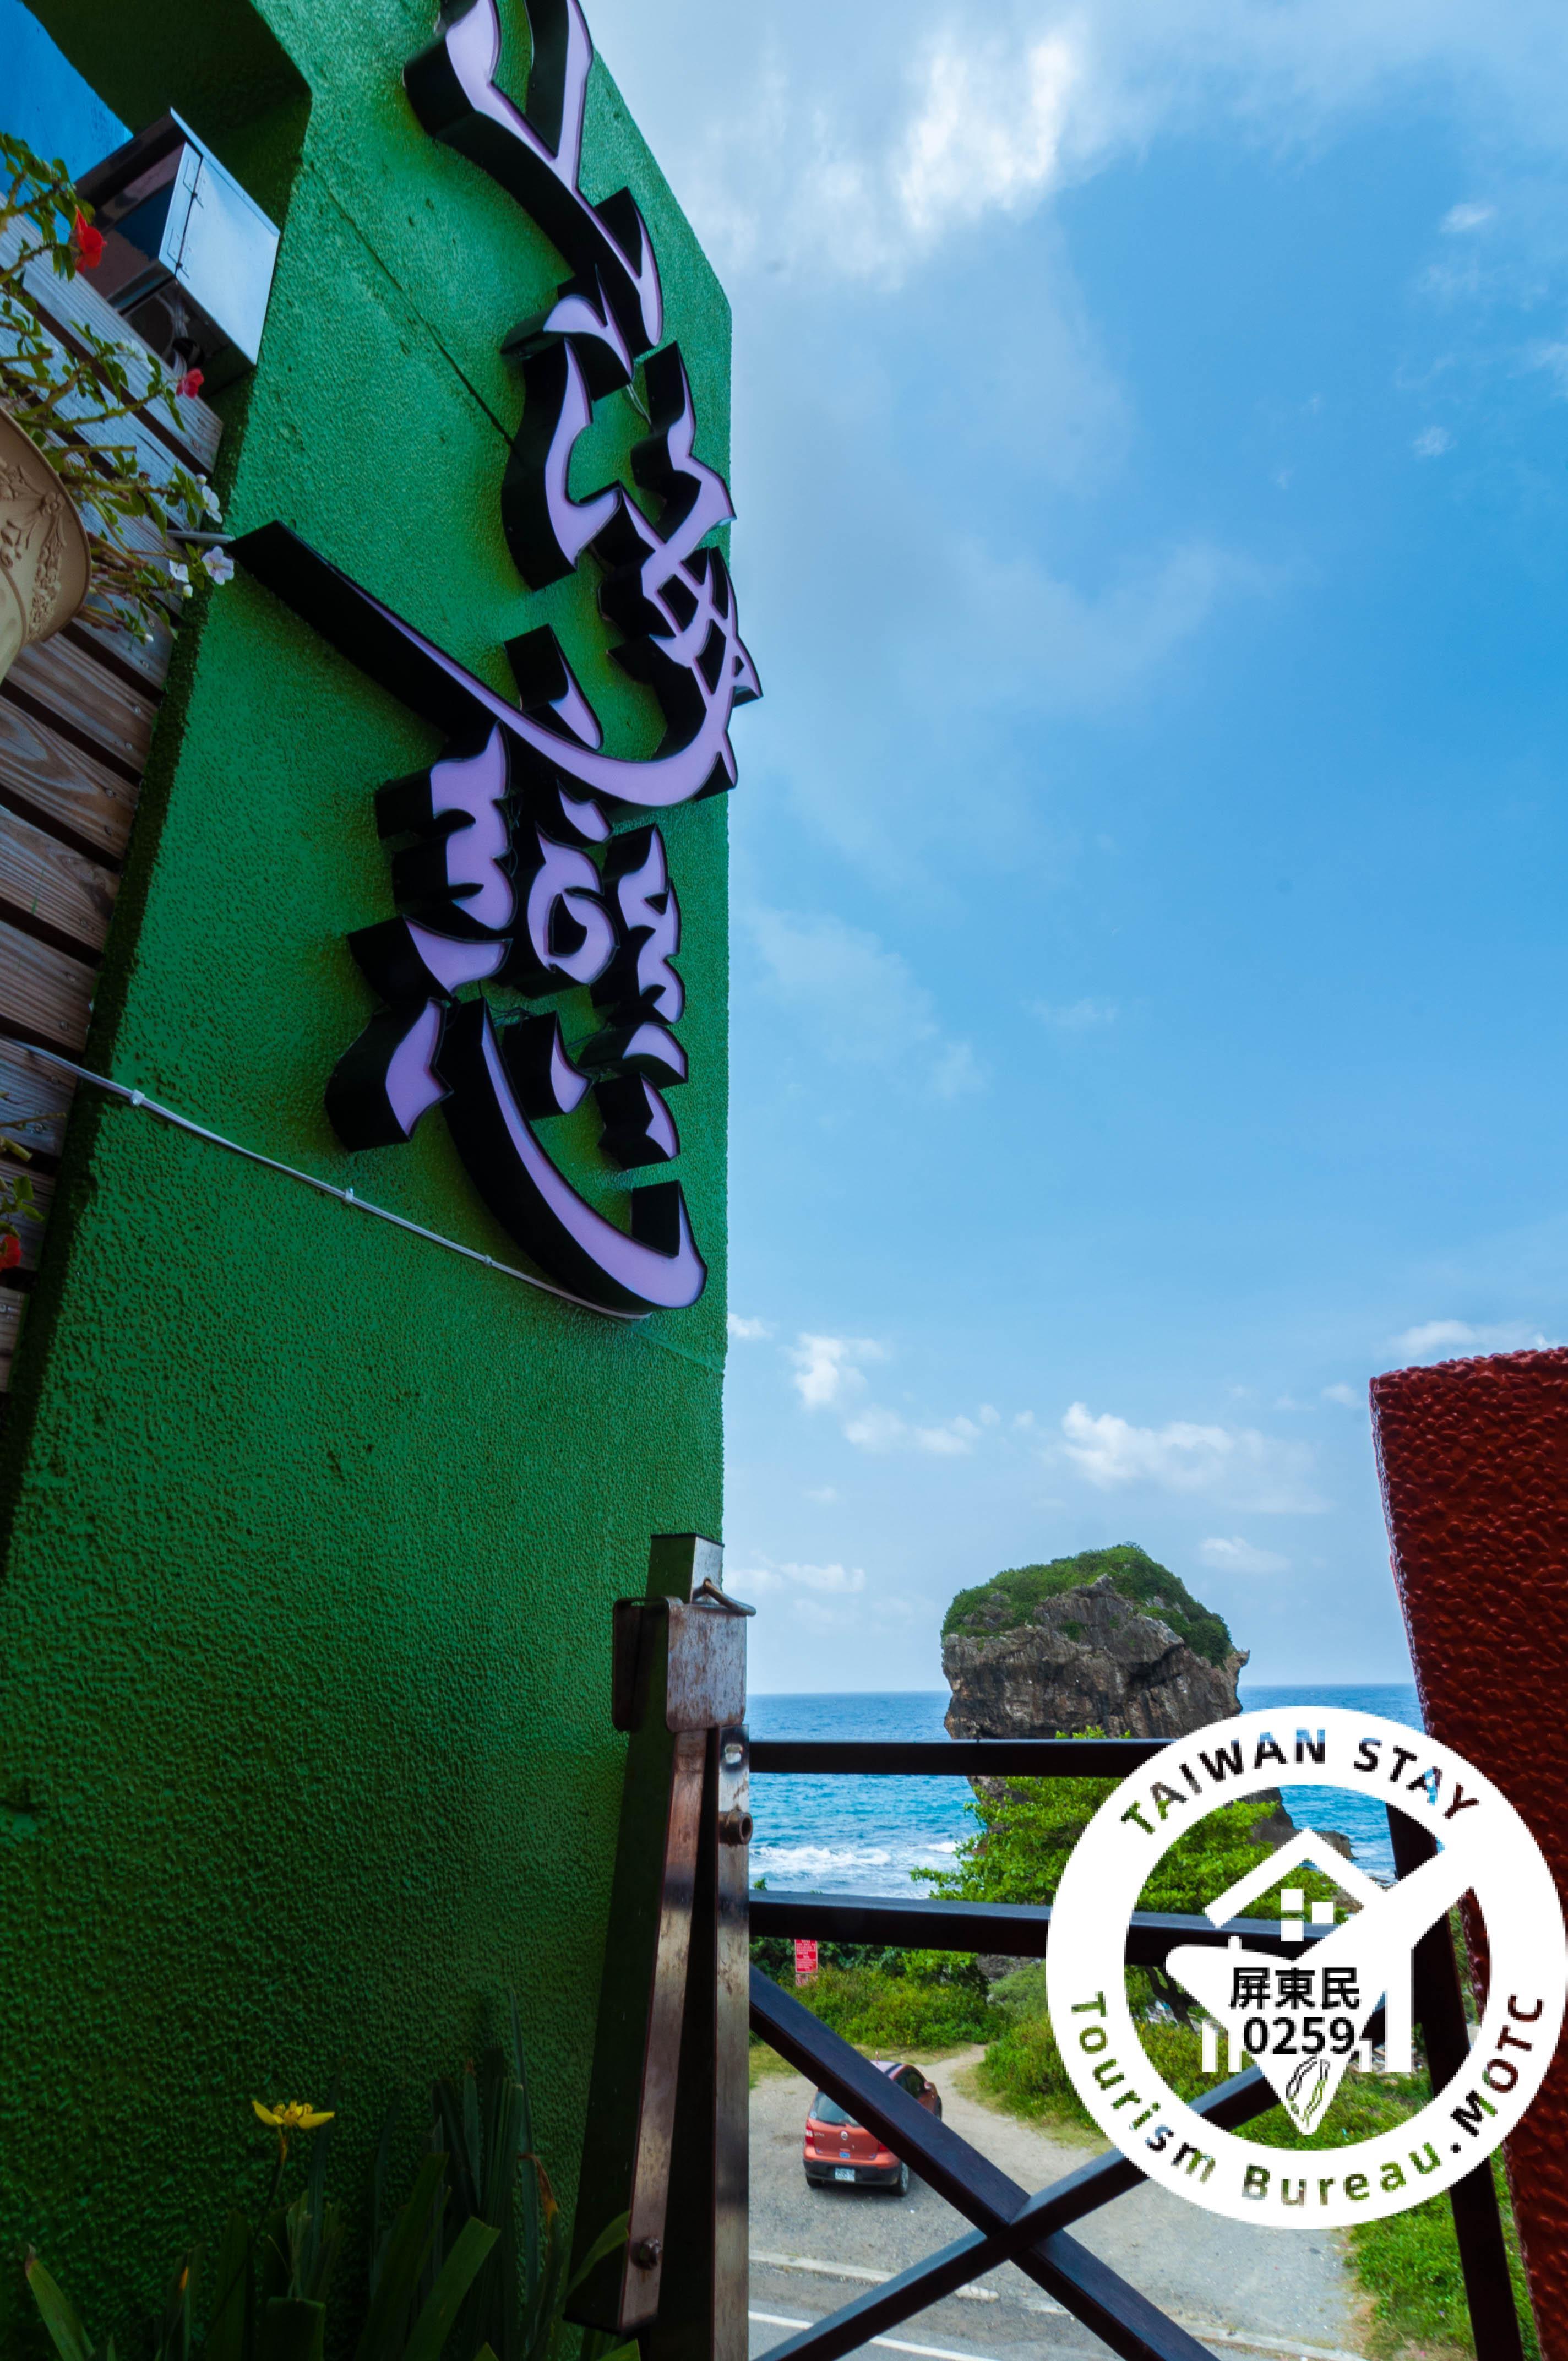 上海ラブベッドと朝食のホテル(山海戀民宿)